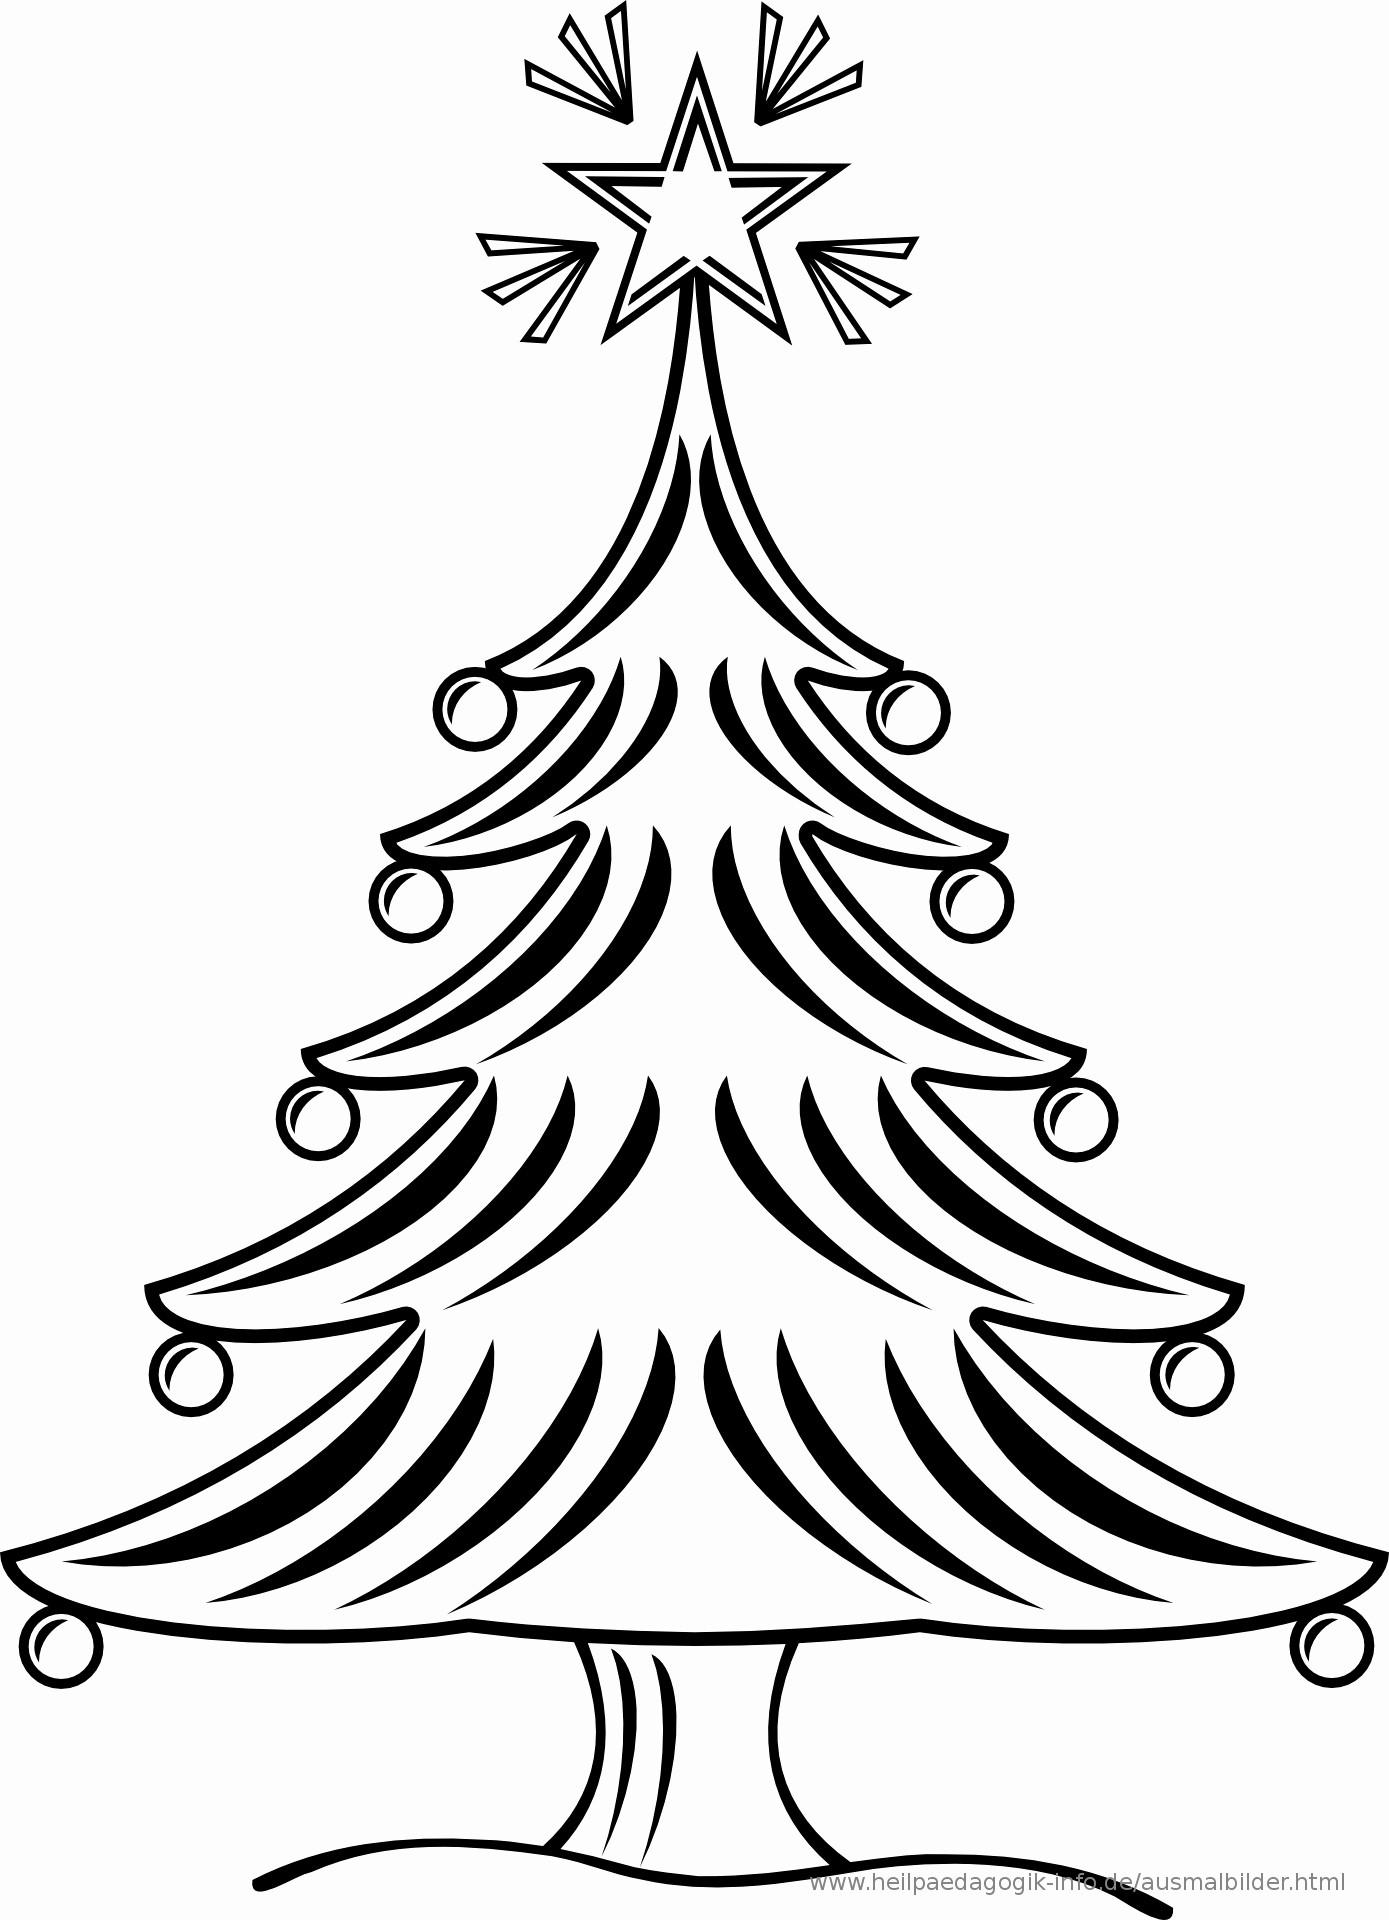 Ausmalbilder Weihnachten Christbaum Das Beste Von Malvorlagen Tannenbaum Ausdrucken Schön Ausmalbilder Stock